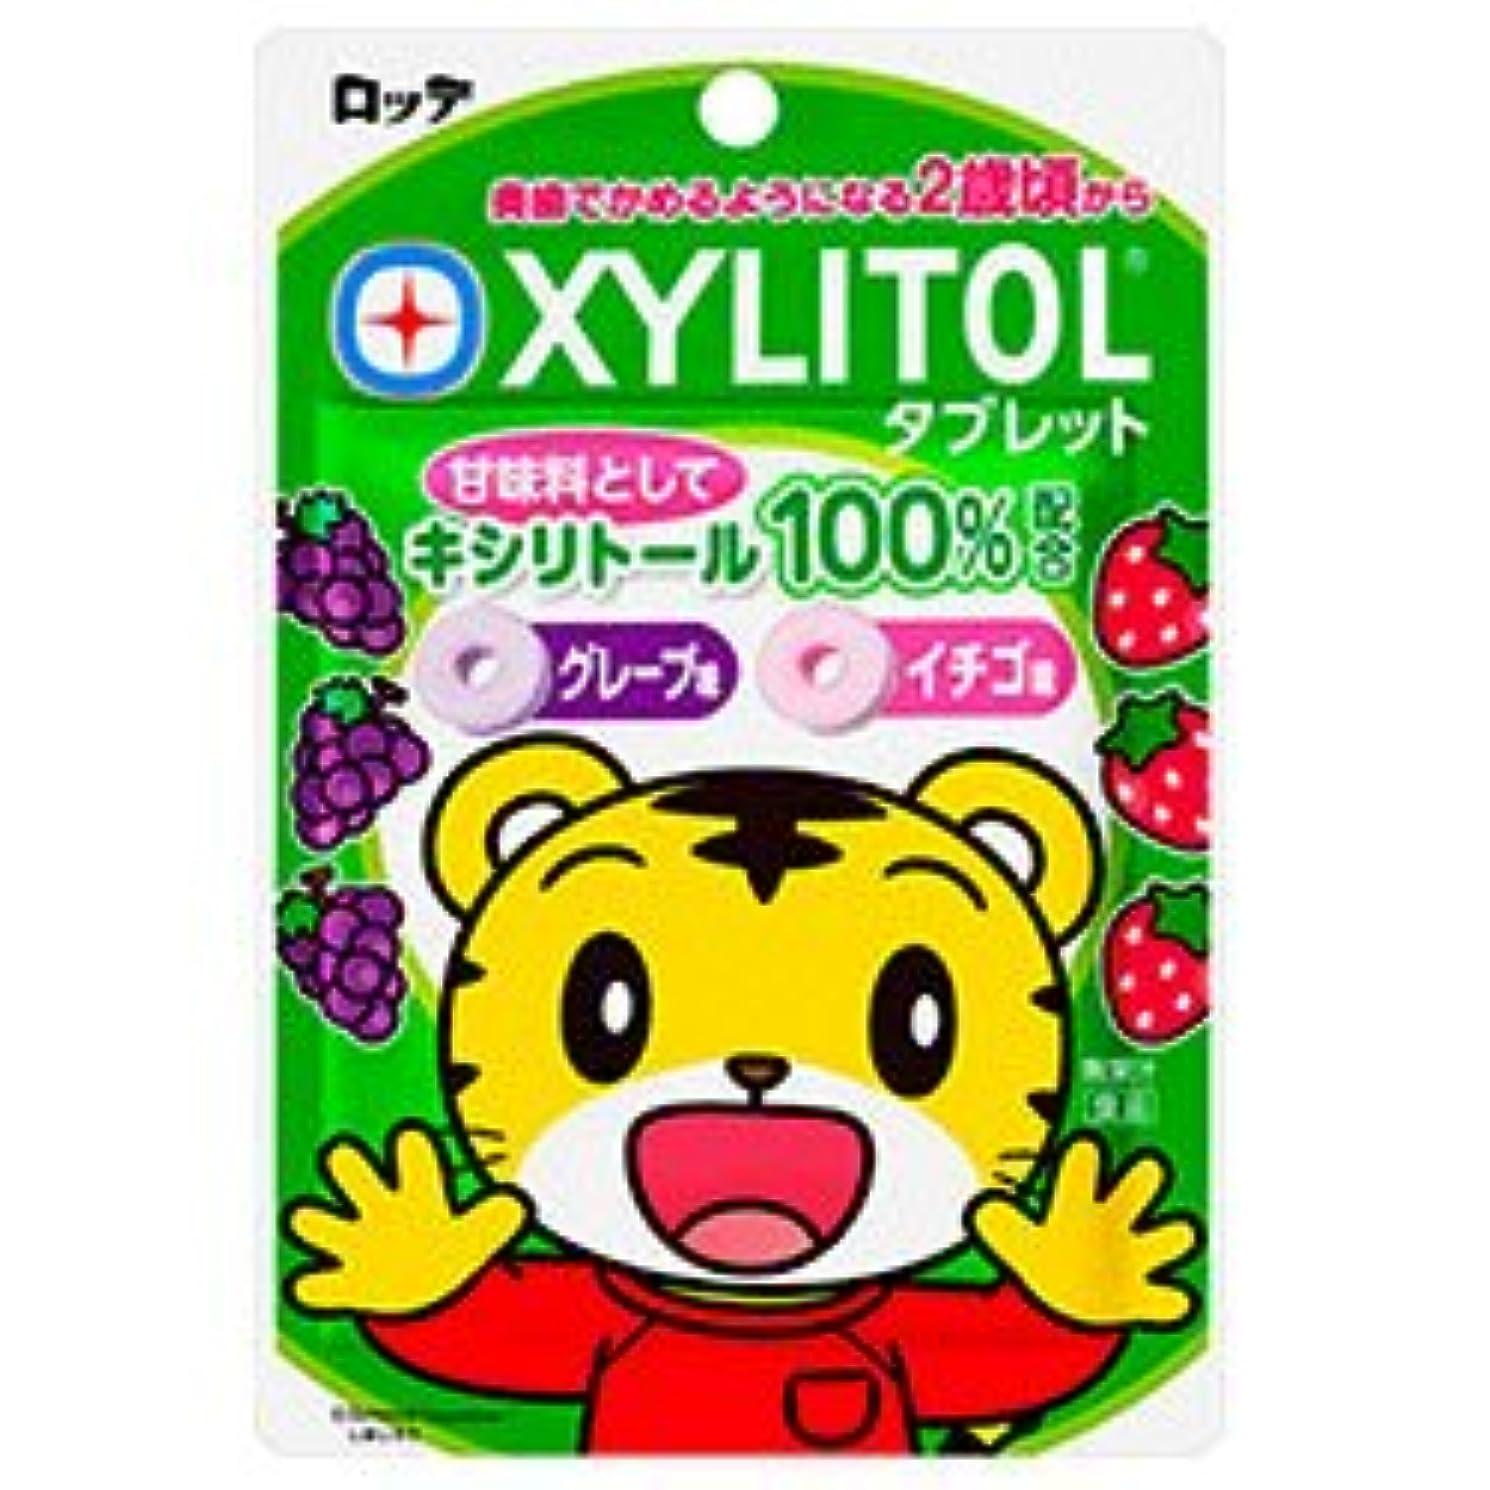 有限撃退するホストロッテ キシリトールタブレット 30g×10袋入×(2ケース)